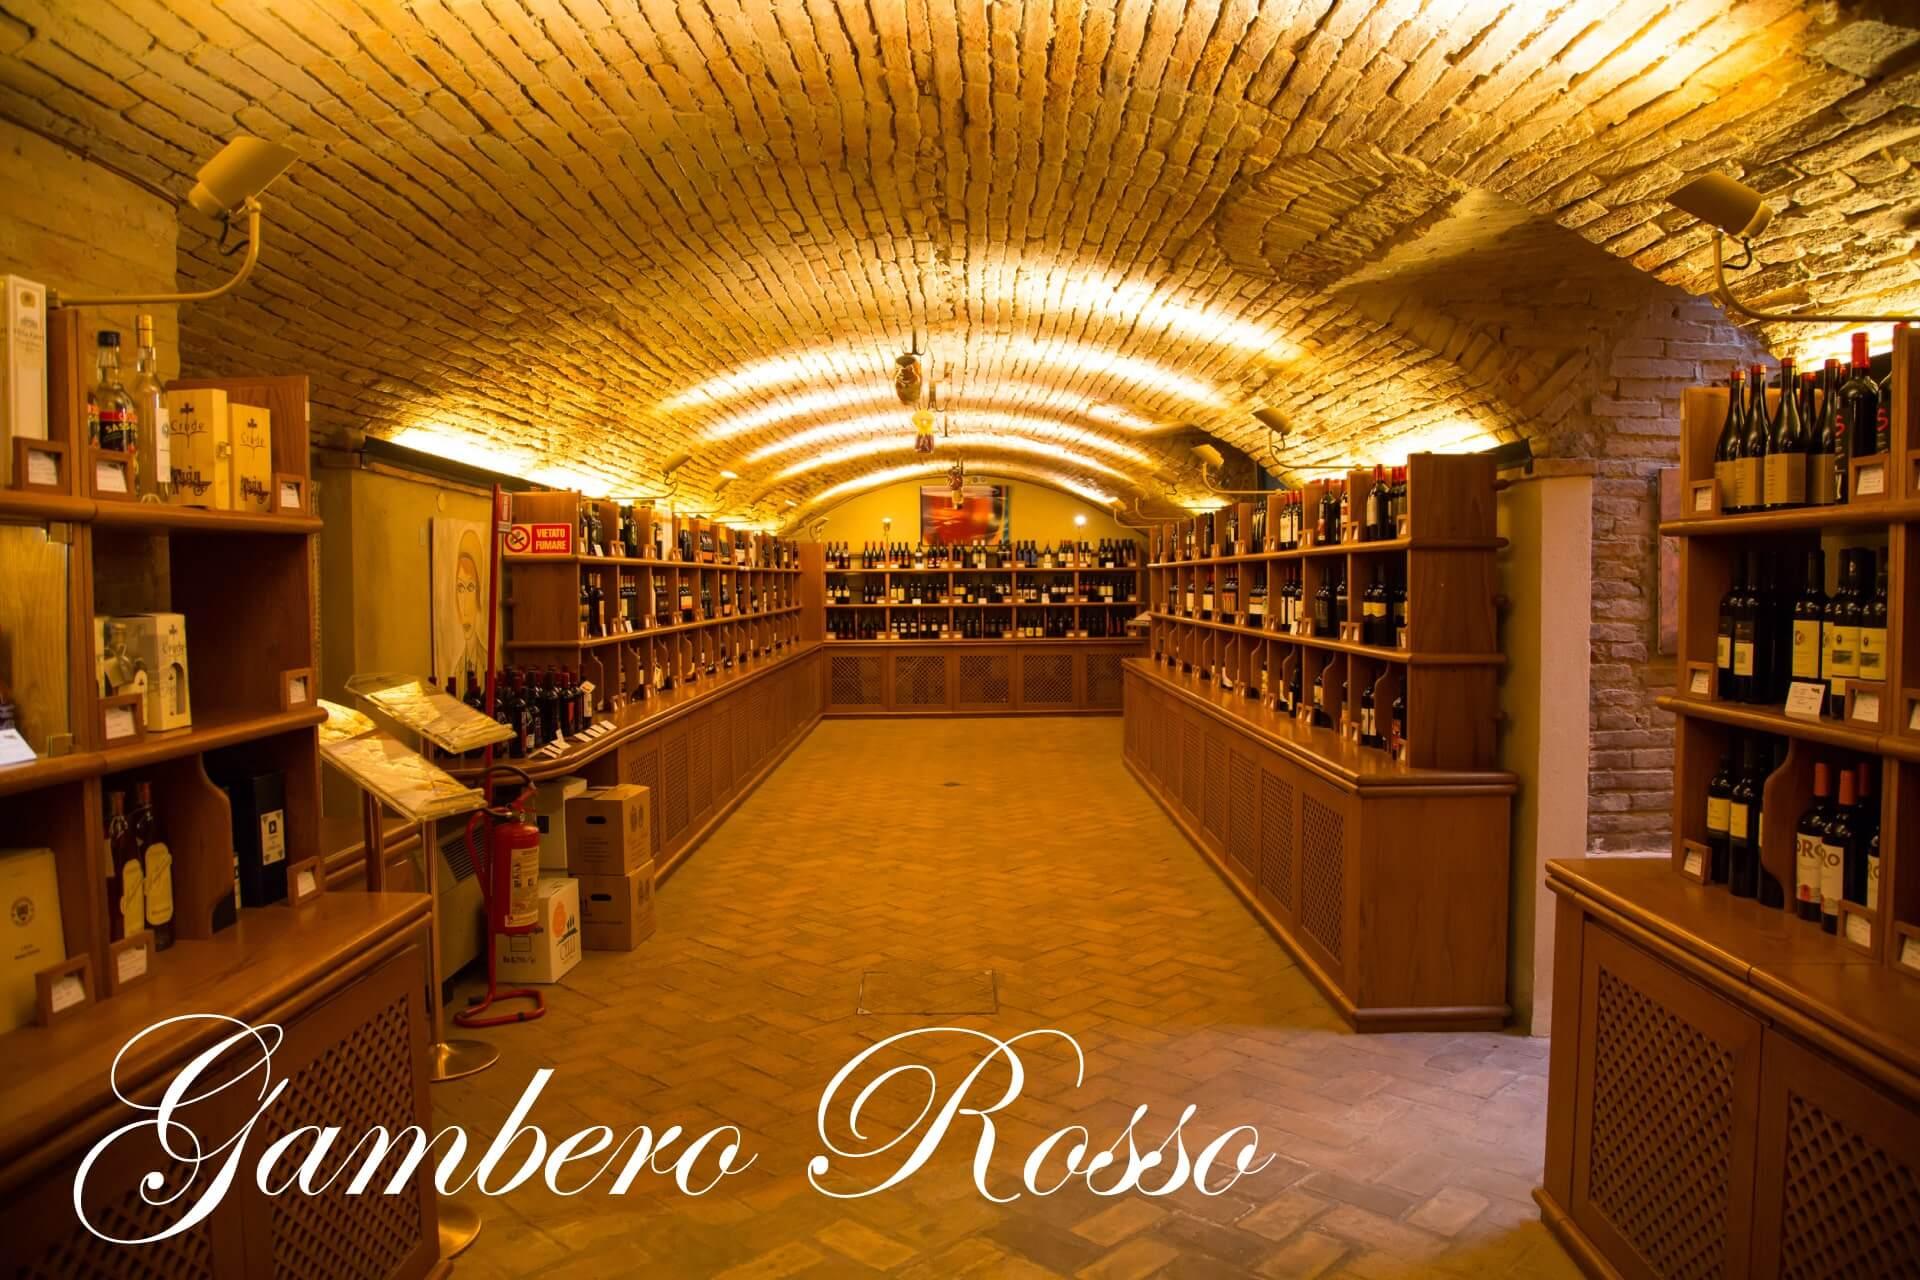 ガンベロ・ロッソ誌で高得点を獲得した!3000円台中心のおすすめワインのメインビジュアル画像